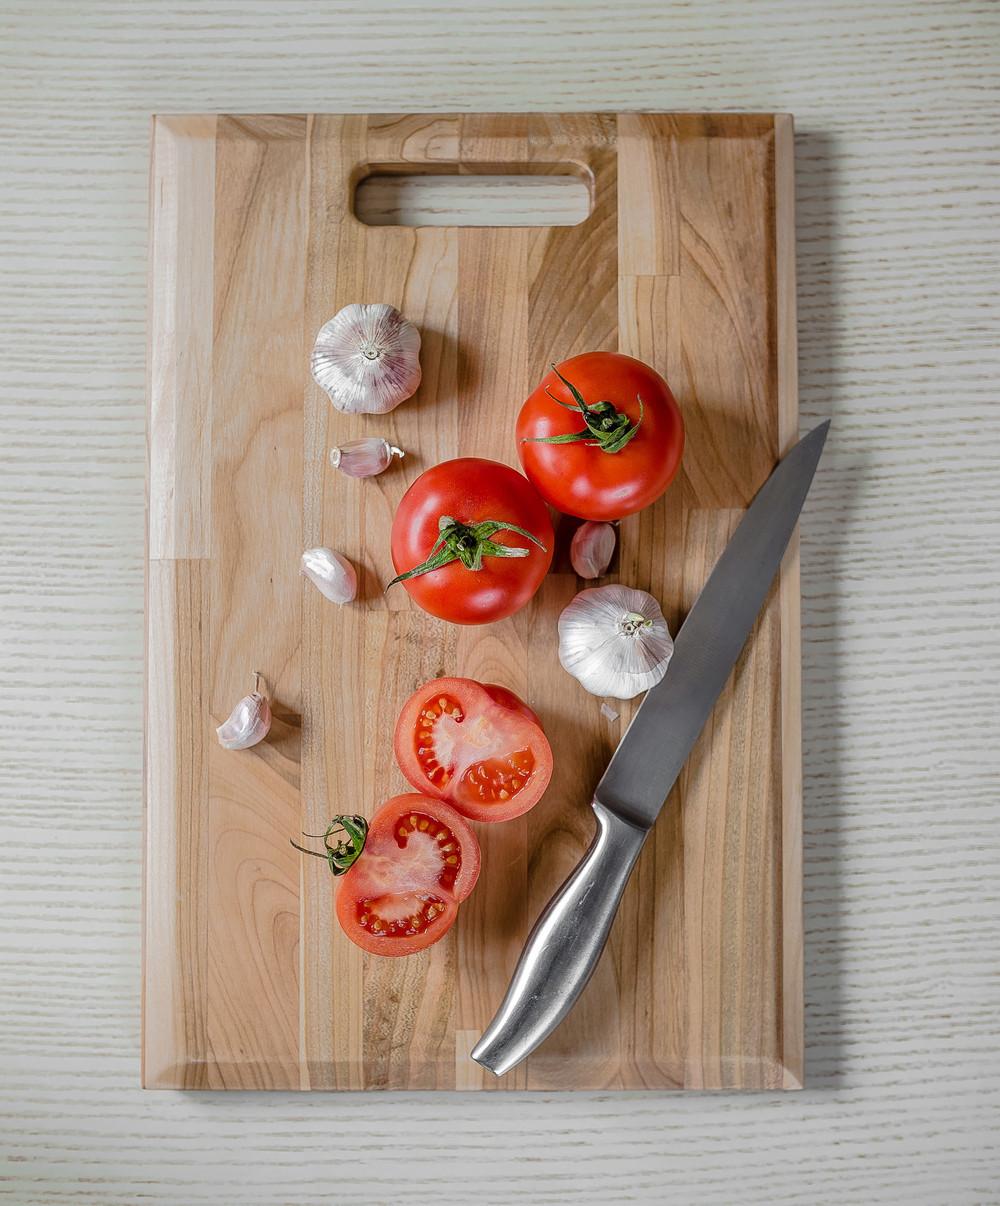 Дошка дерев'яна кухонна обробна прямокутна з ручкою Energy Wood 40х25х2см черешня